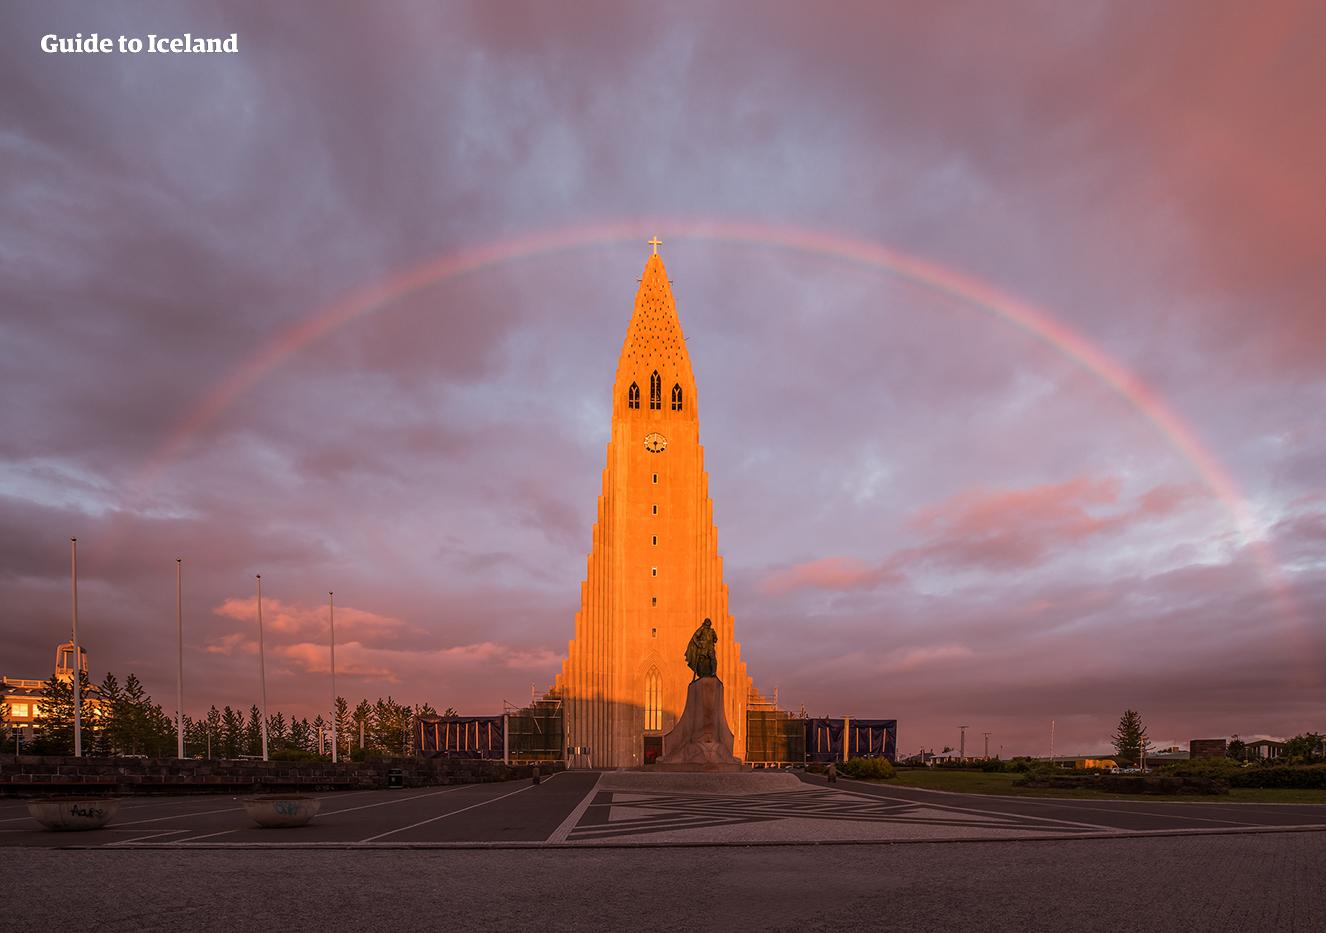 Die berühmte Lutherische Kirche in der Innenstadt von Reykjavik heißt Hallgrimskirkja.